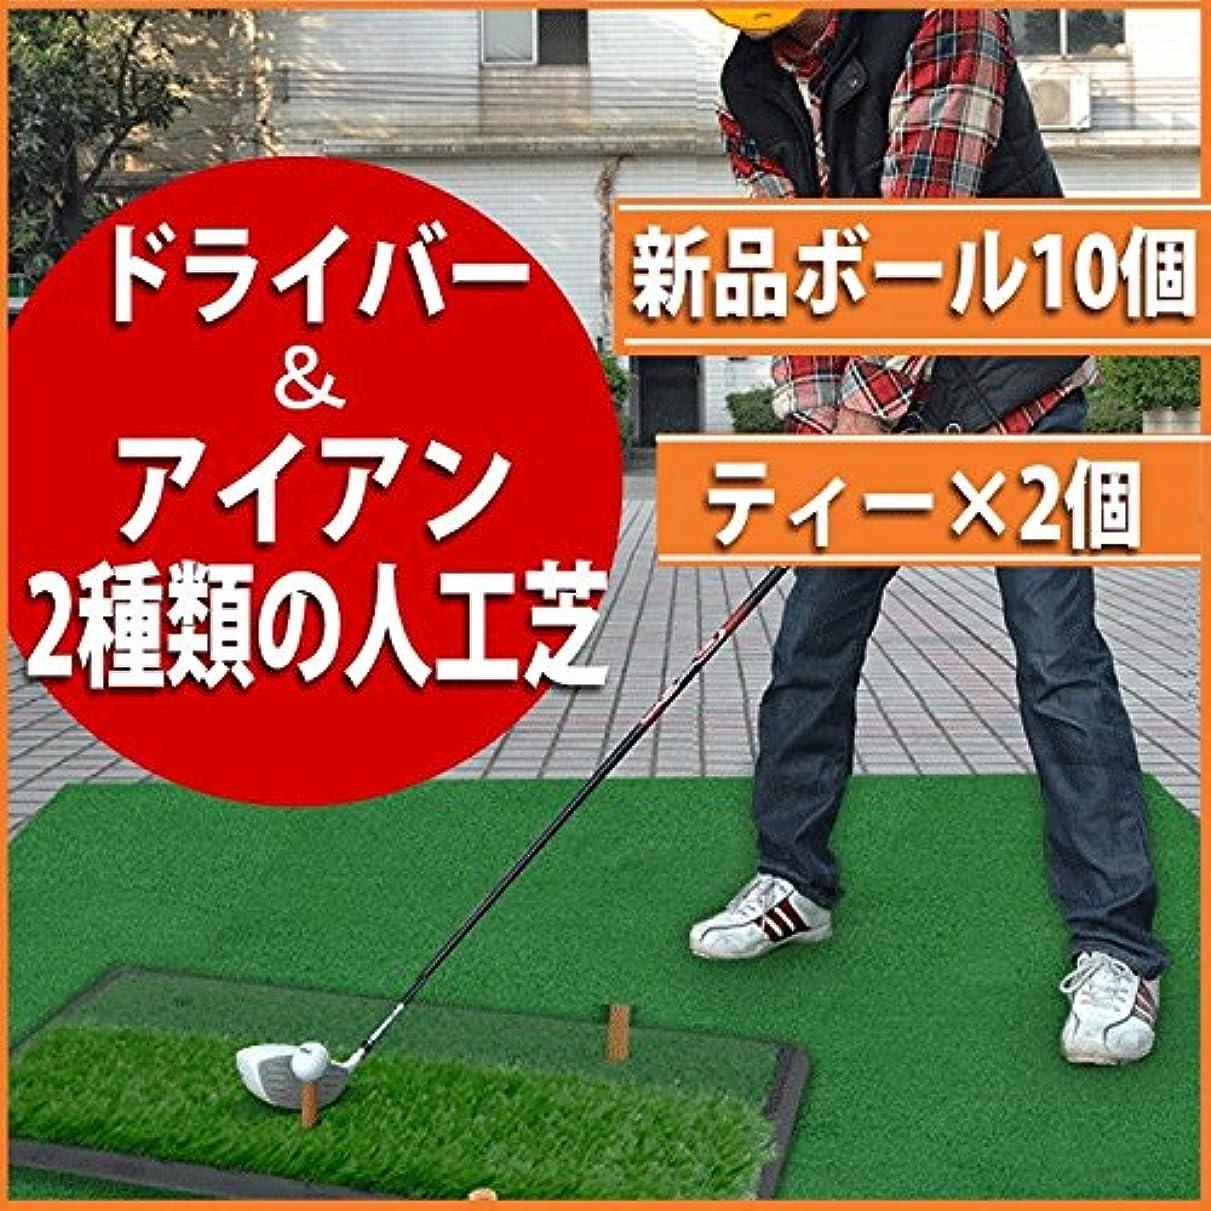 聴くアストロラーベなんでもゴルフ スイングマット 練習マット